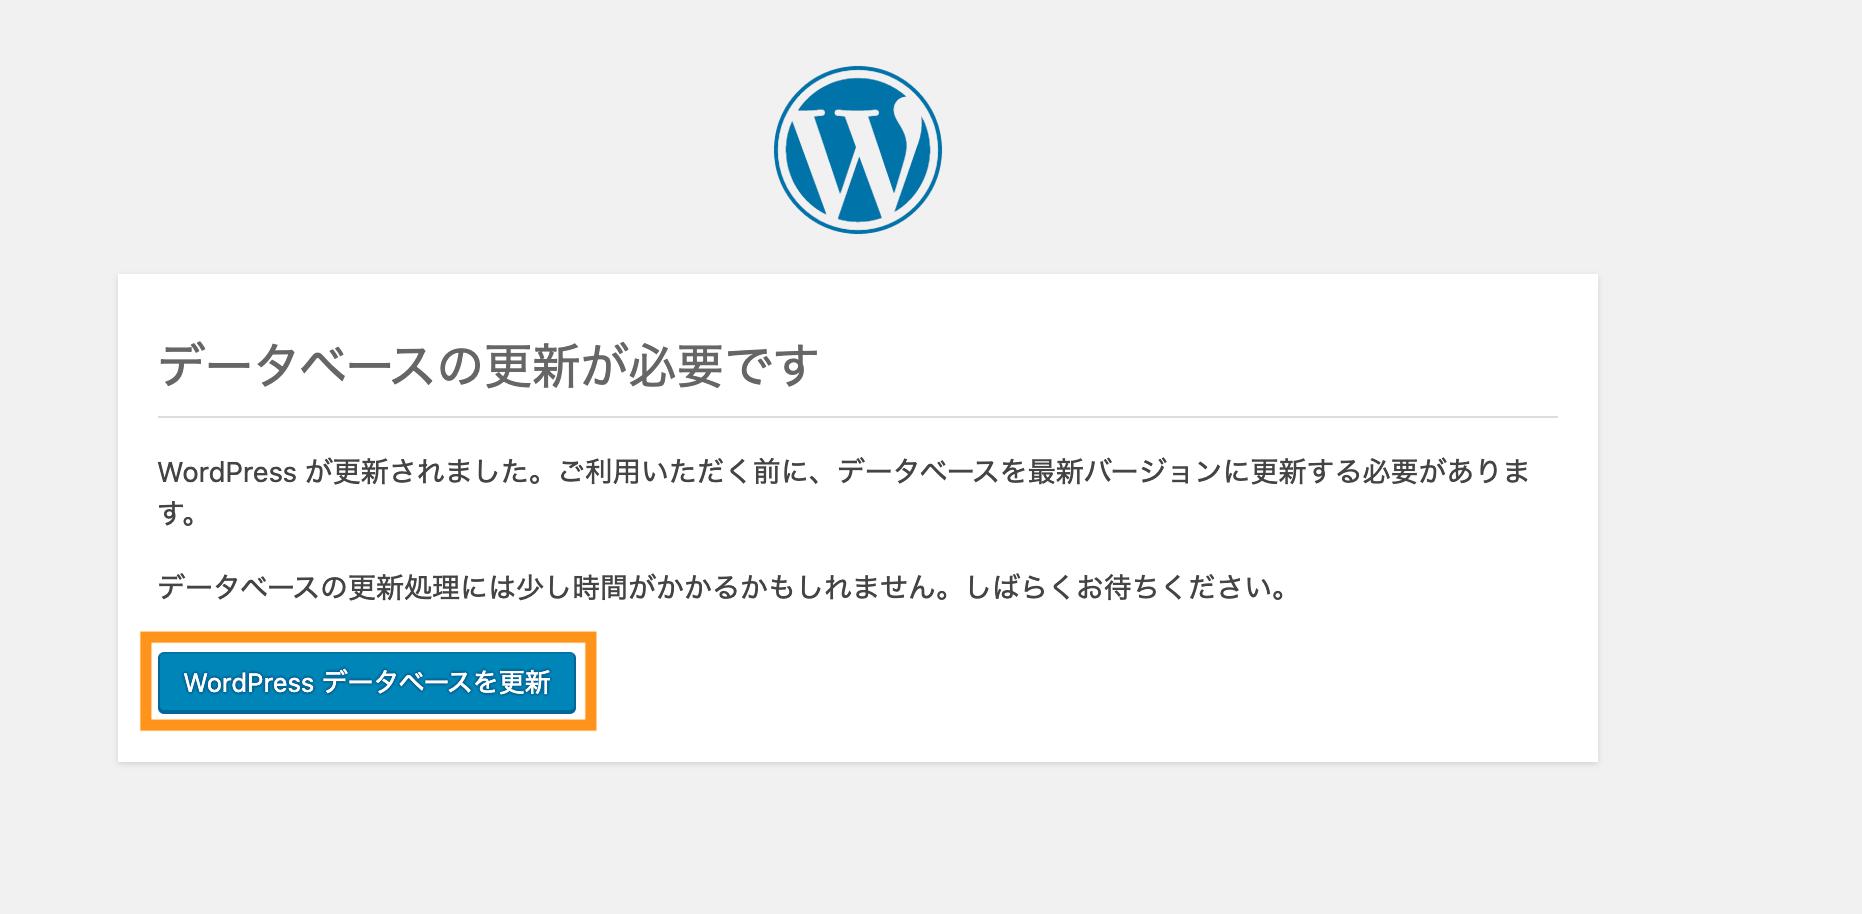 データベースの更新が促されたら、データベース更新ボタンを押下する